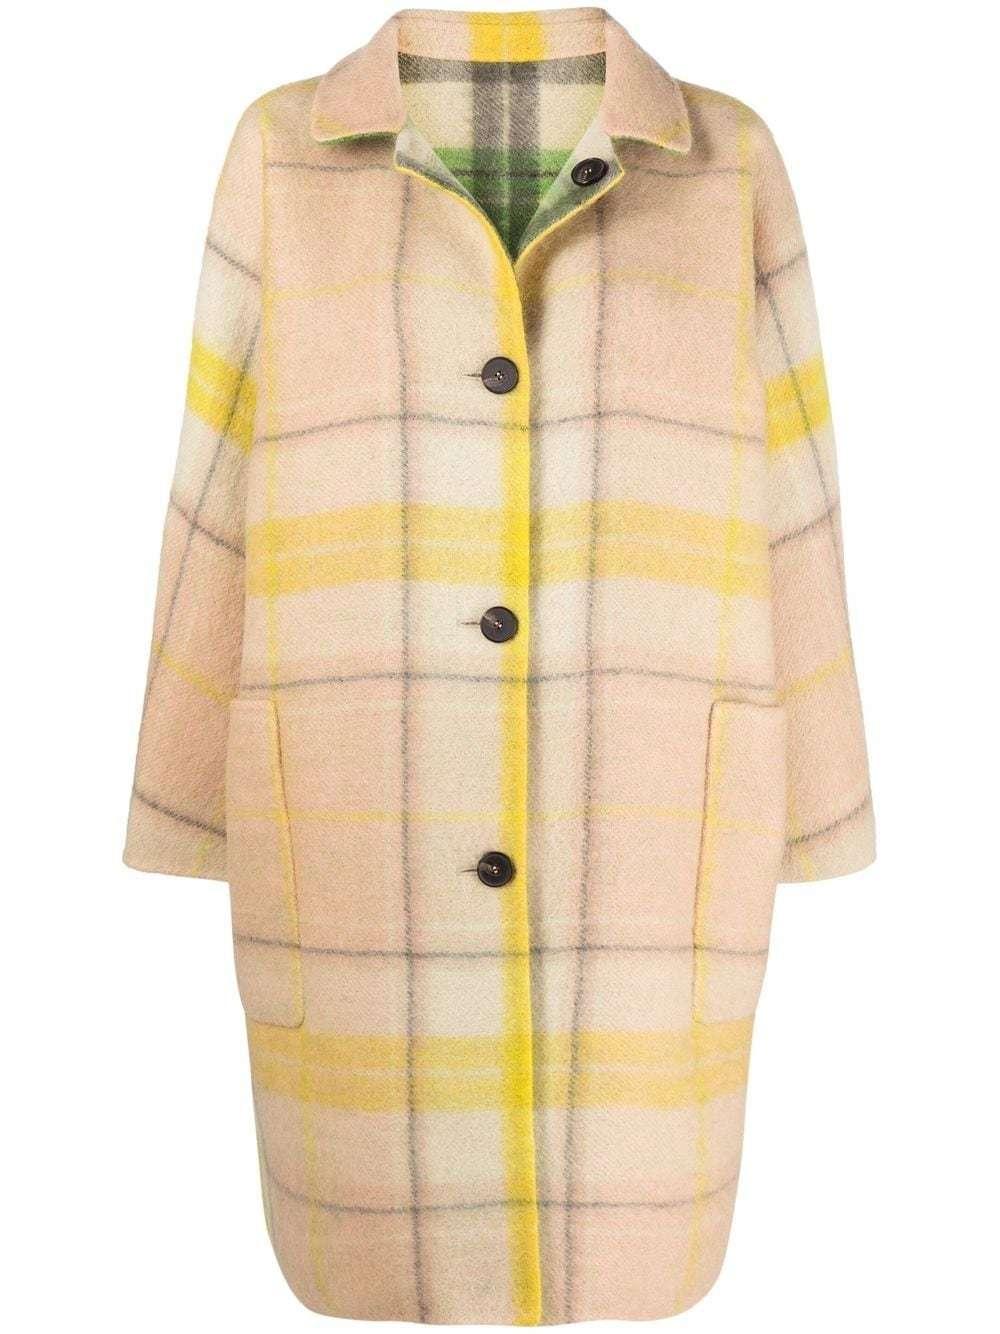 Uno más caro: abrigo oversize de lana a cuadros con cuello clásico, cierre con botones en la parte delantera, dos bolsillos laterales, abertura central en la parte posterior, manga larga y reversible. Sofie D'hoore (1.544 euros).